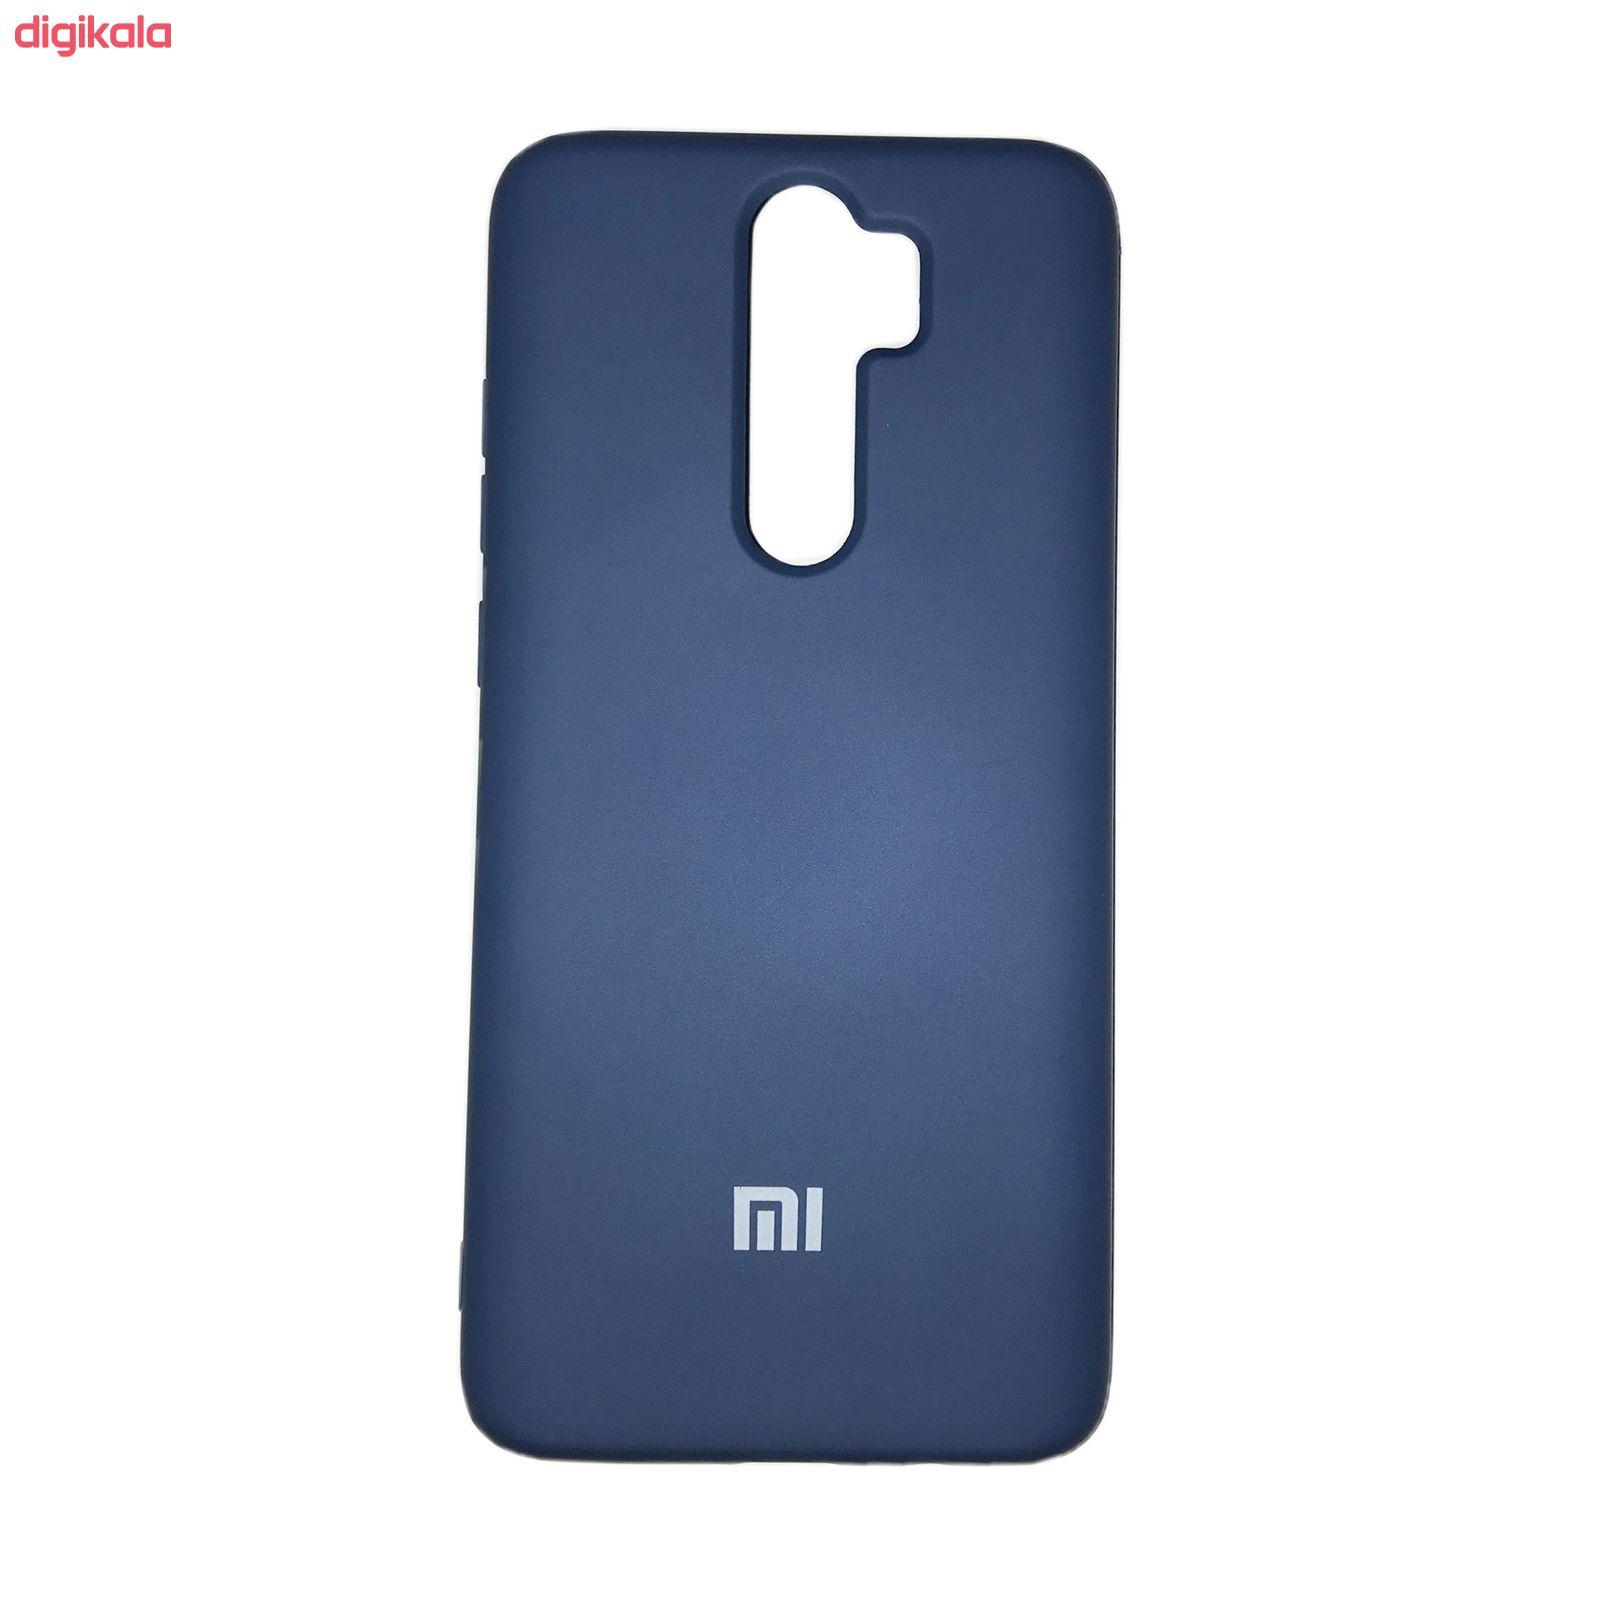 کاور مدل SIL-60 مناسب برای گوشی موبایل شیائومی Redmi Note 8 Pro main 1 2